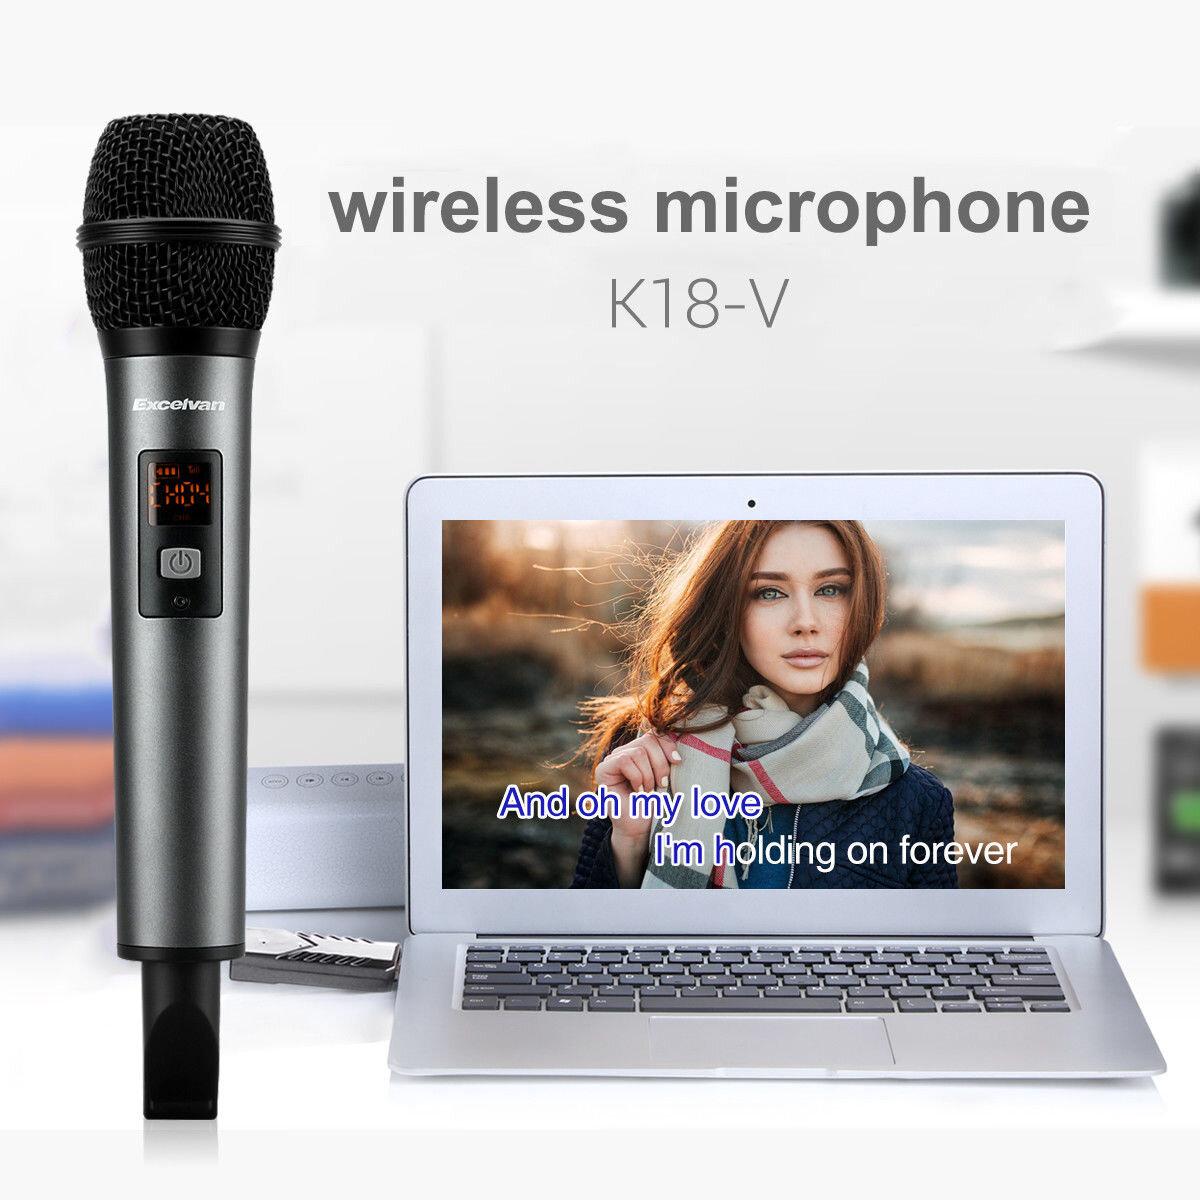 Micro Karaoke không dây Excelvan K18-V với thiết kế nhỏ gọn